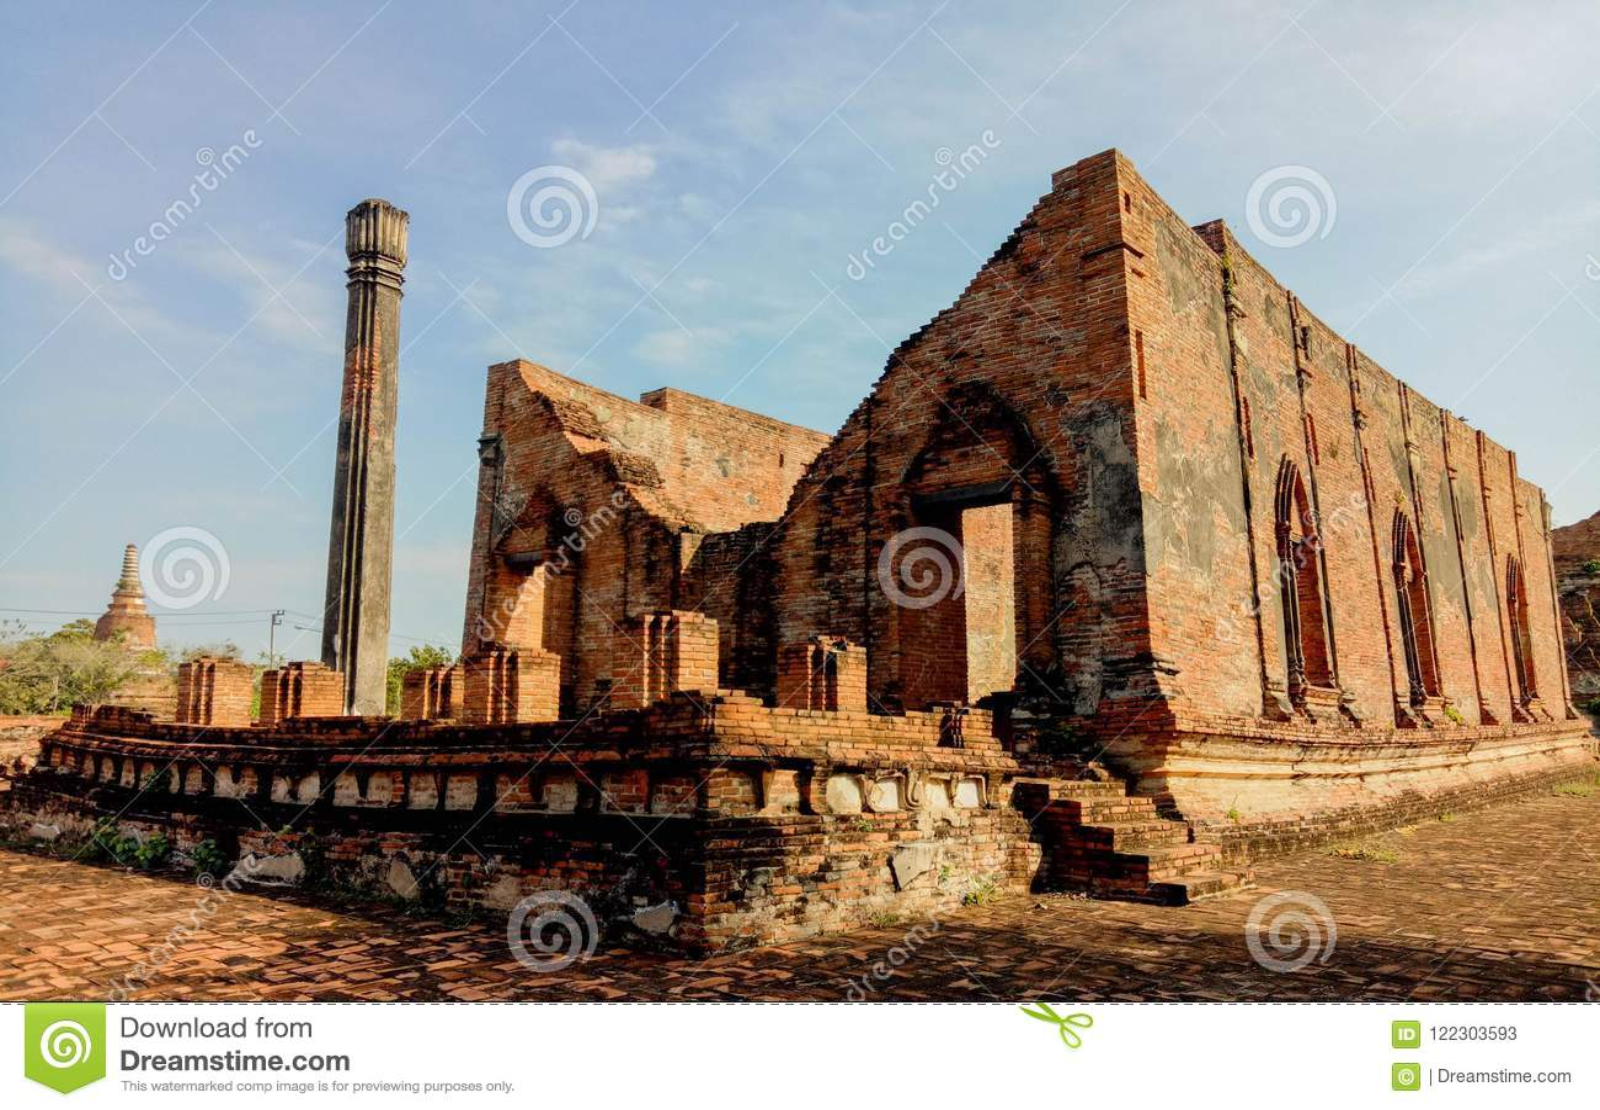 Wat Gudidao le vieux temple à Ayutthaya, construit pendant le règne du Roi Narai t il grand en Thaïlande